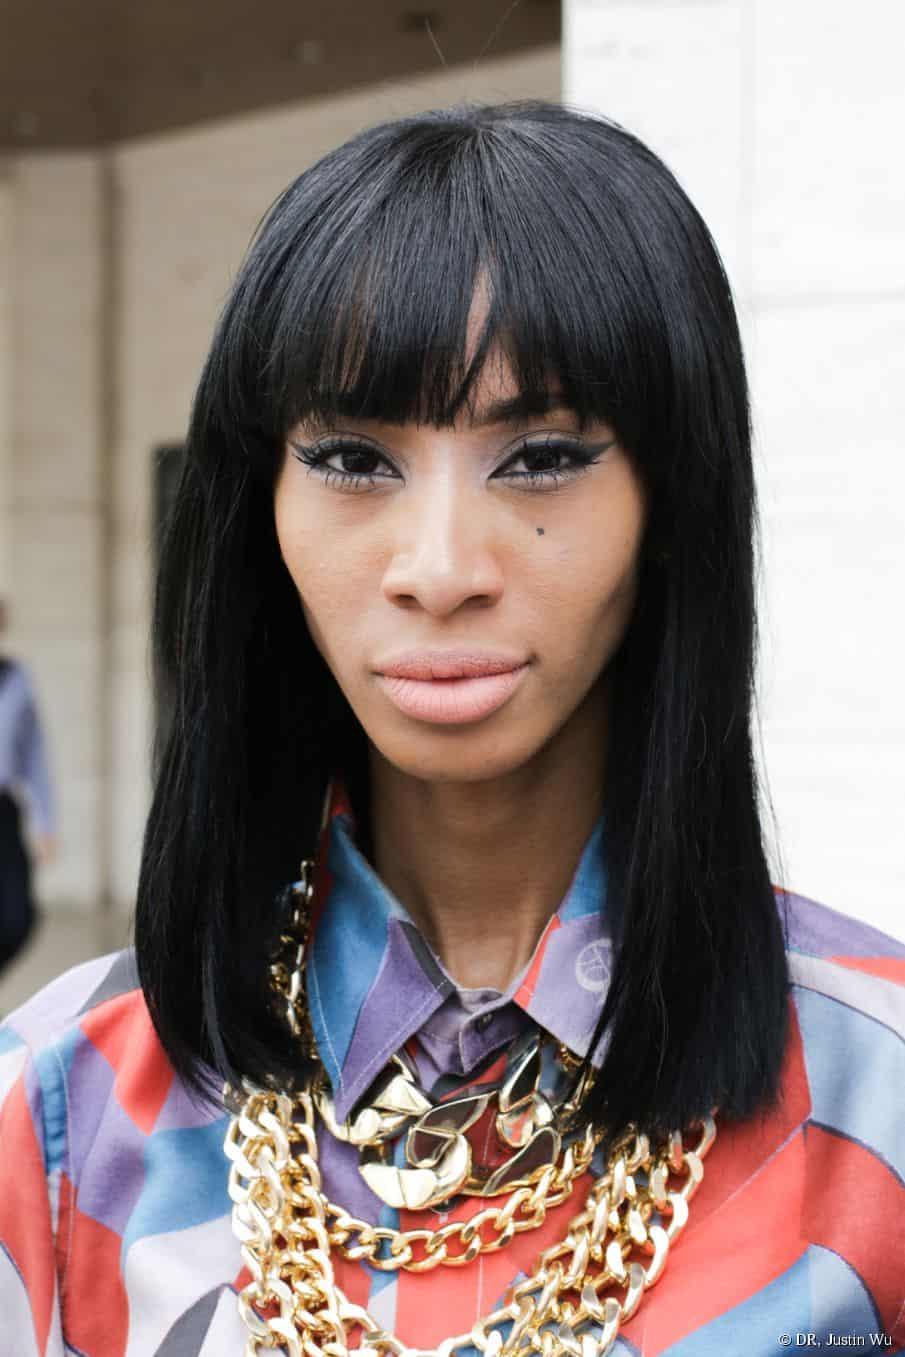 blunt-bangs-hairstyle